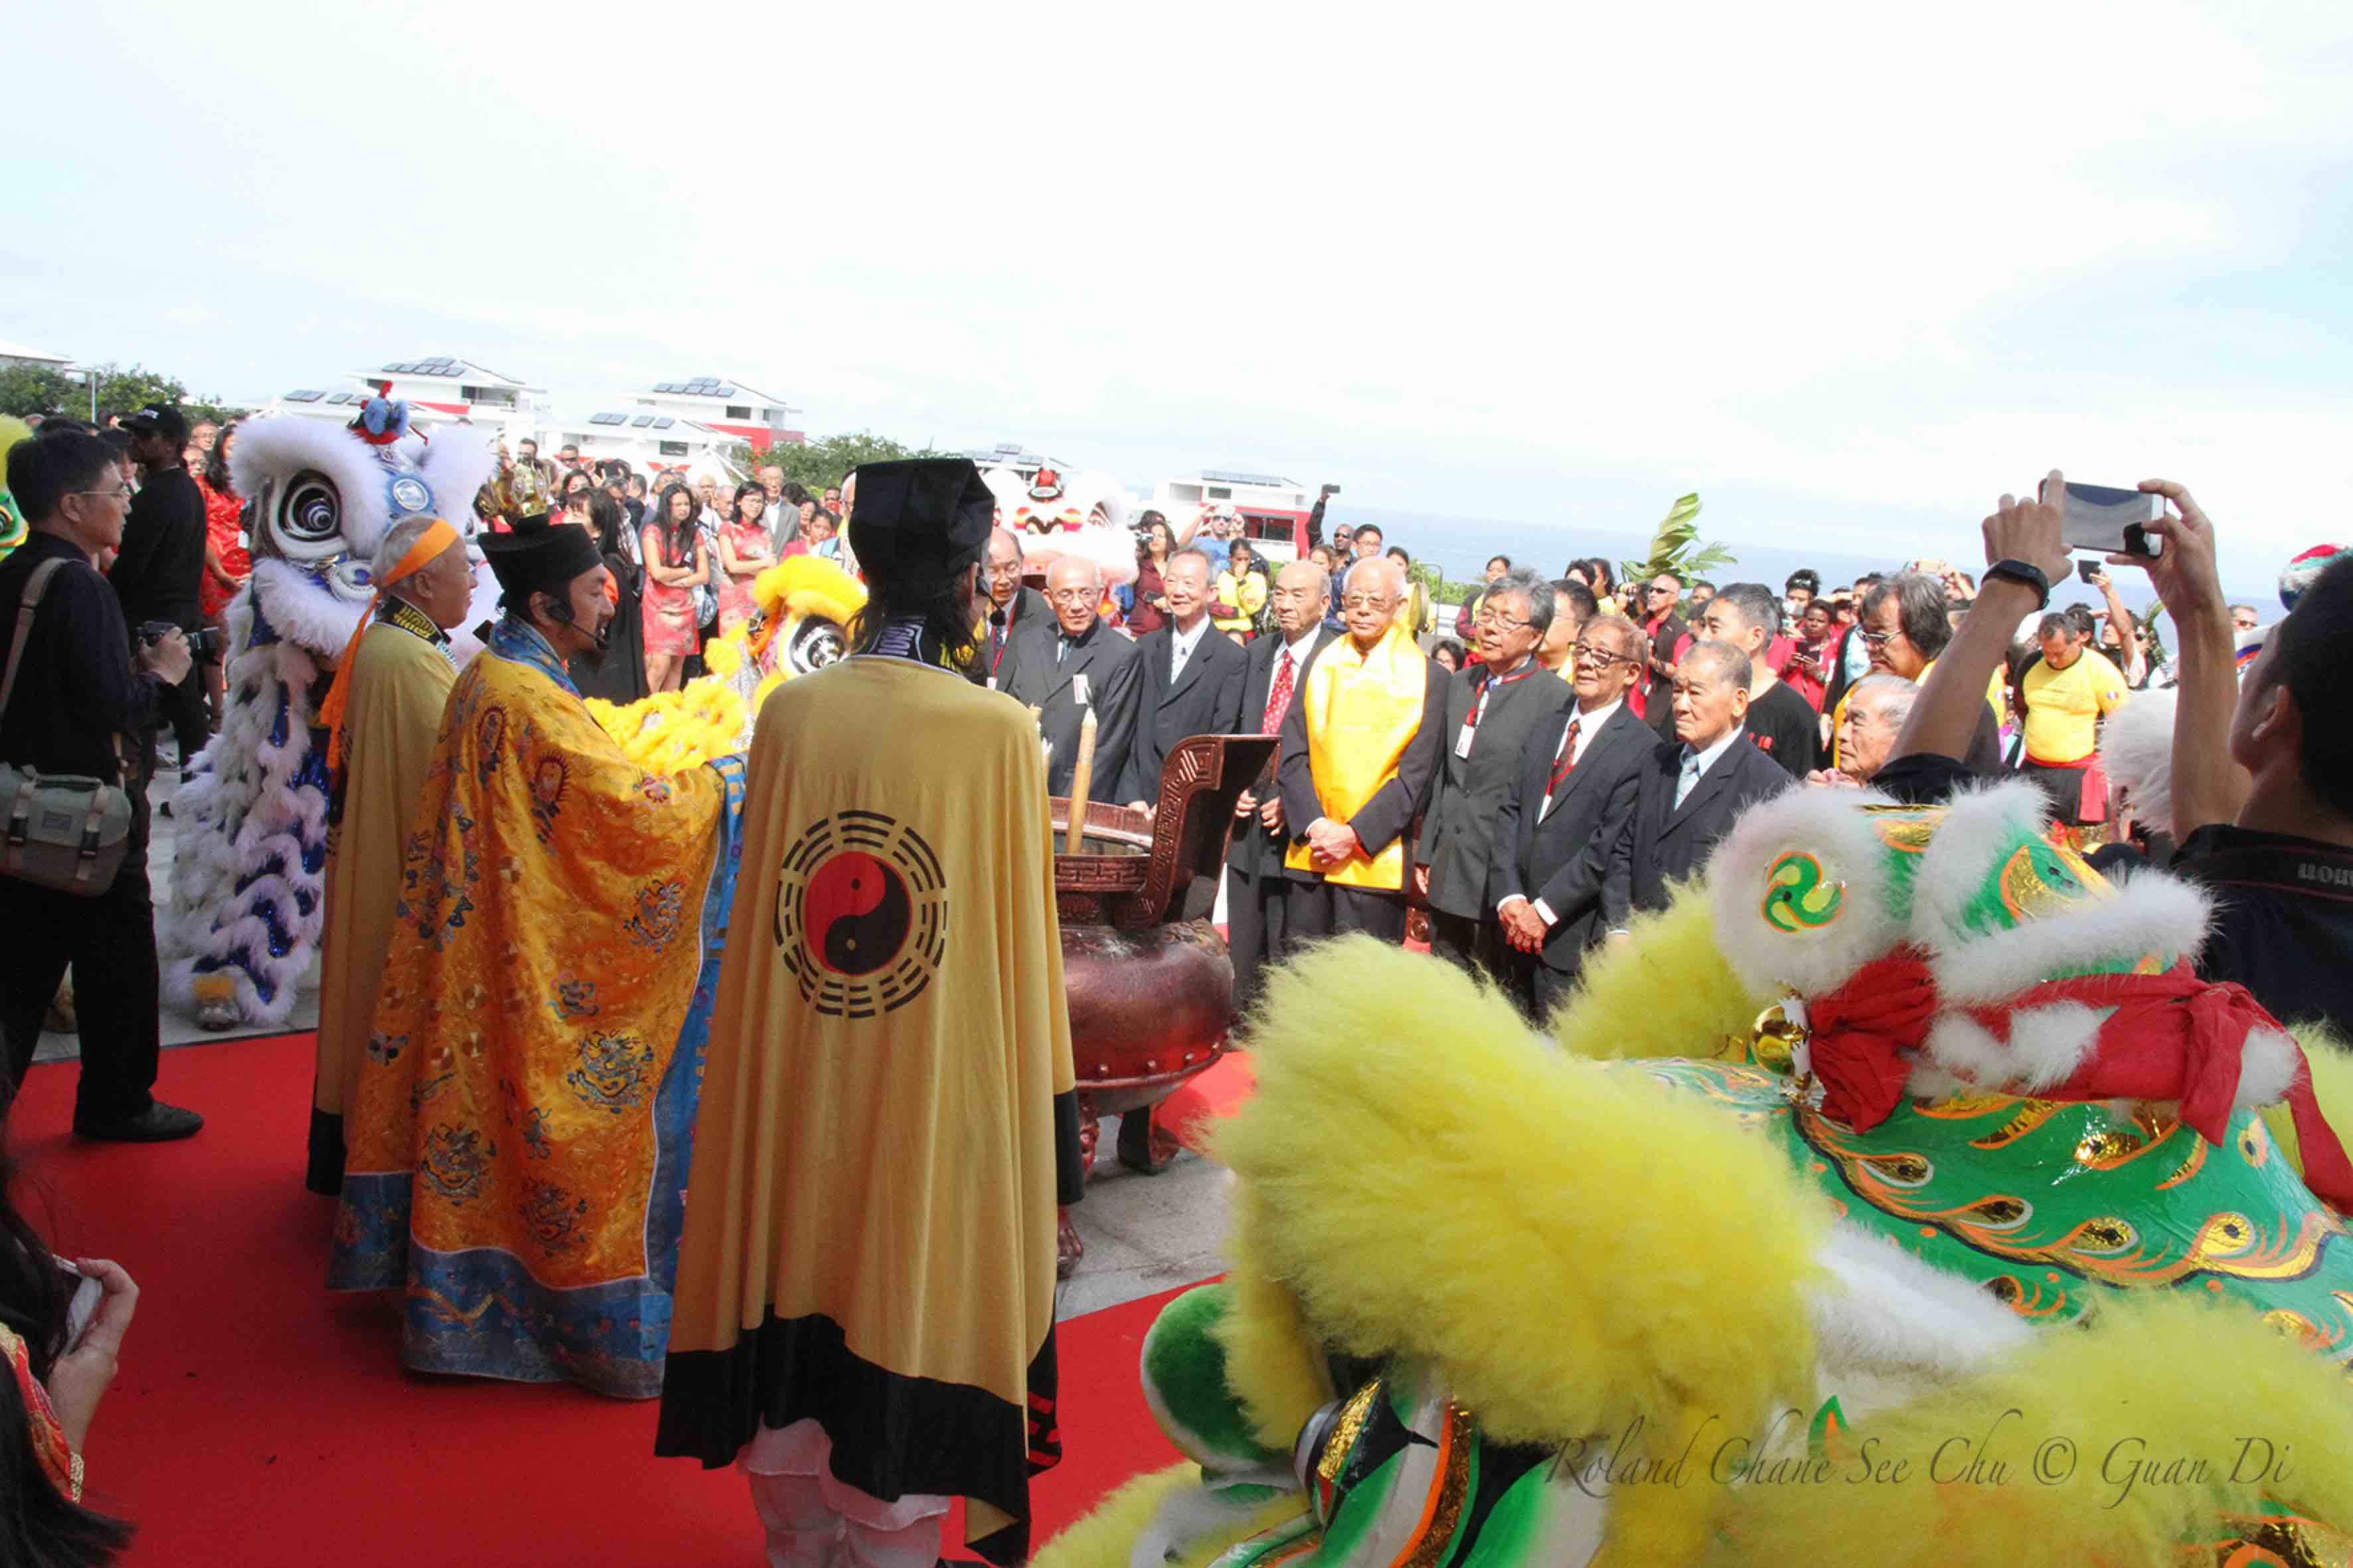 Les moines taoïstes accueillent les invités